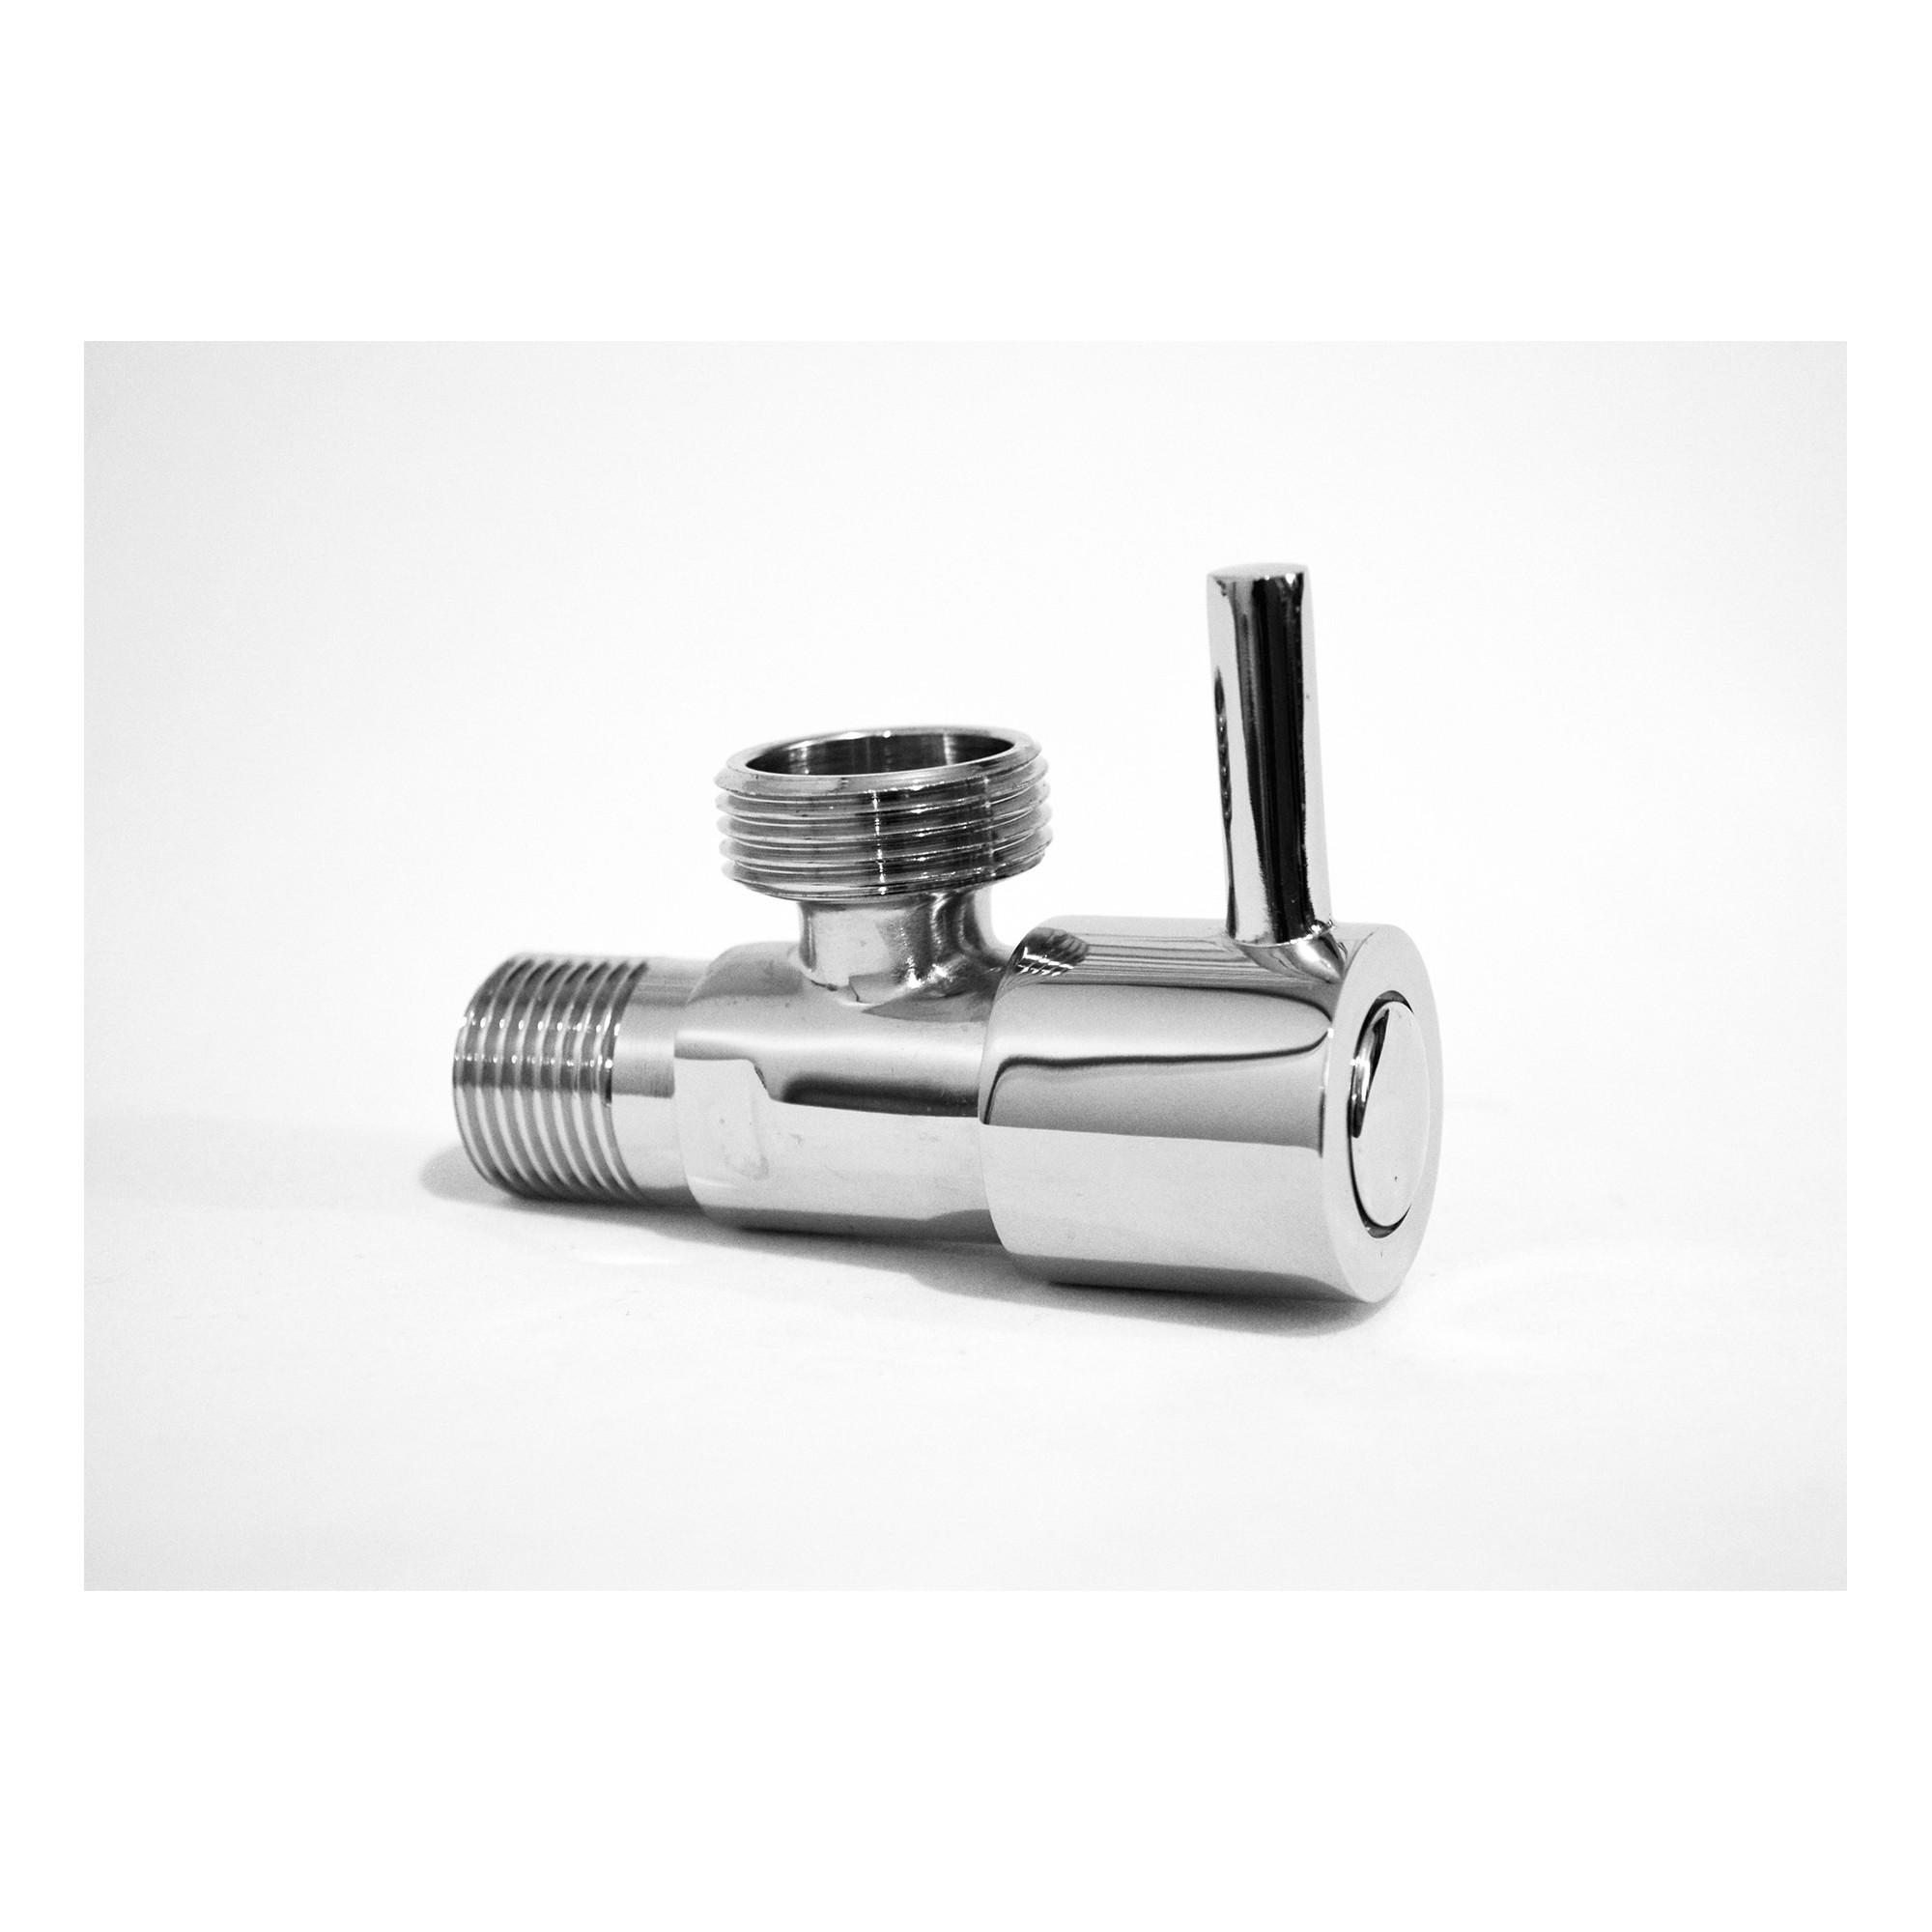 Кран угловой вентильный 1/2н на 3/4н хром, латунь YD-502 керамическая букса ANGO ANGO - 1